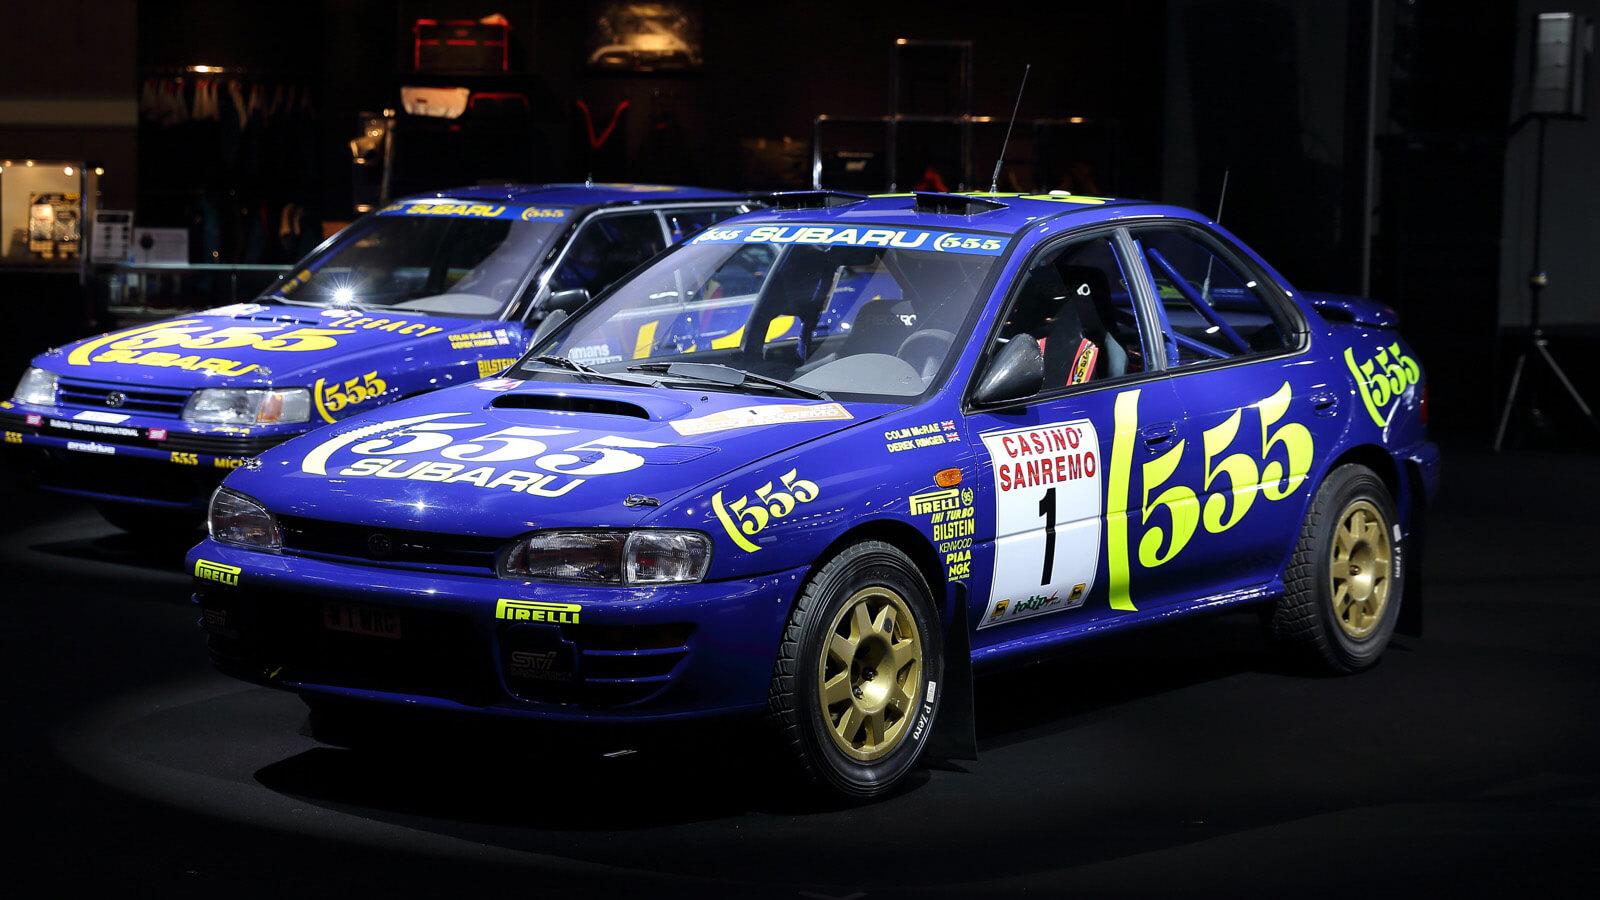 スバル インプレッサWRX 1996年 サンレモラリー